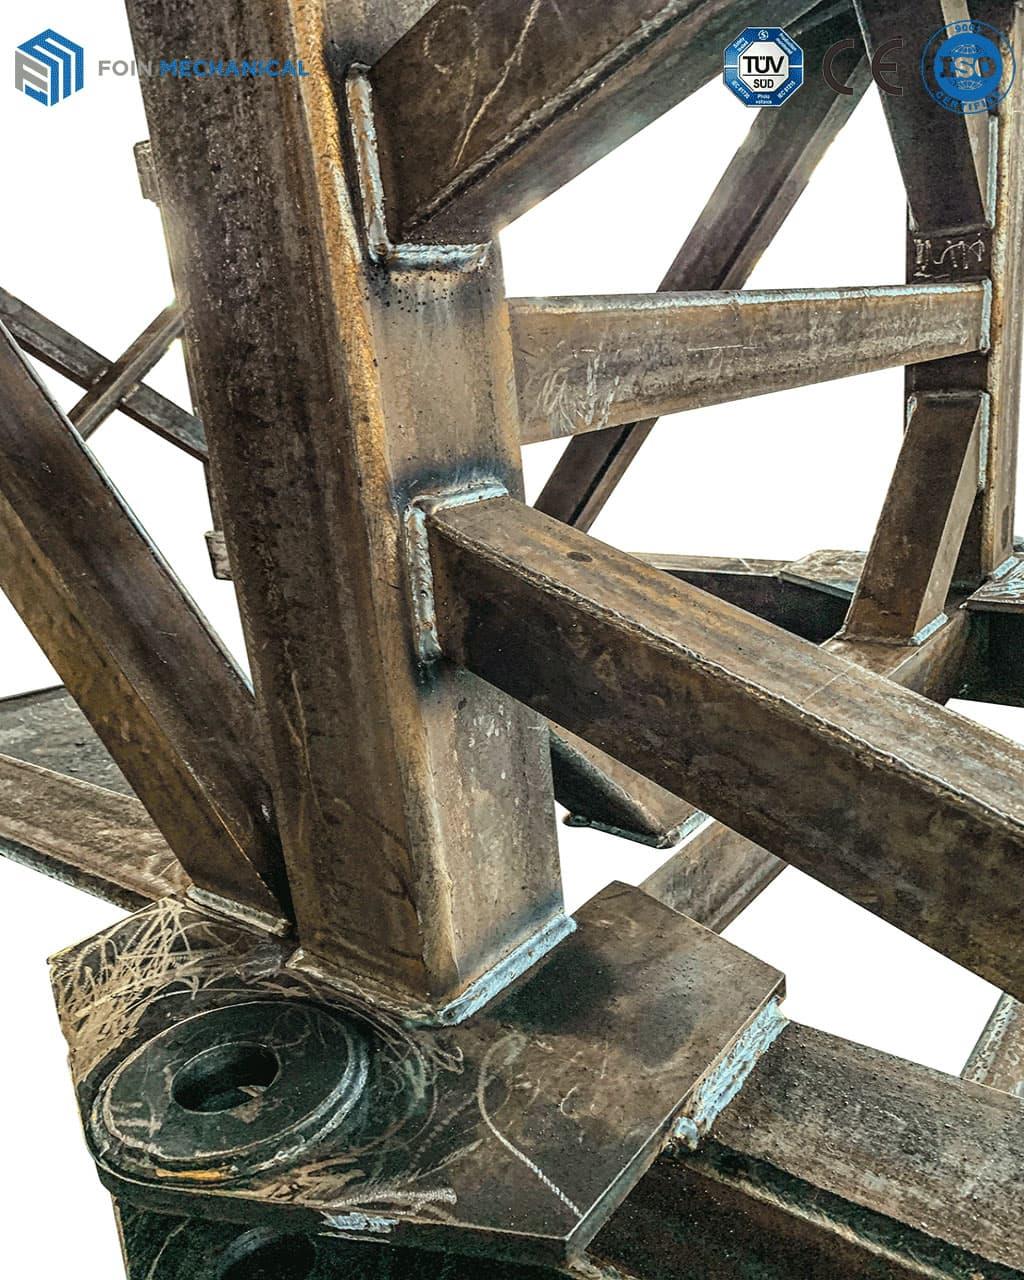 Các-chi-tiết-kết-cấu-thép-sau-khi-hàn-cua-cẩu-tháp